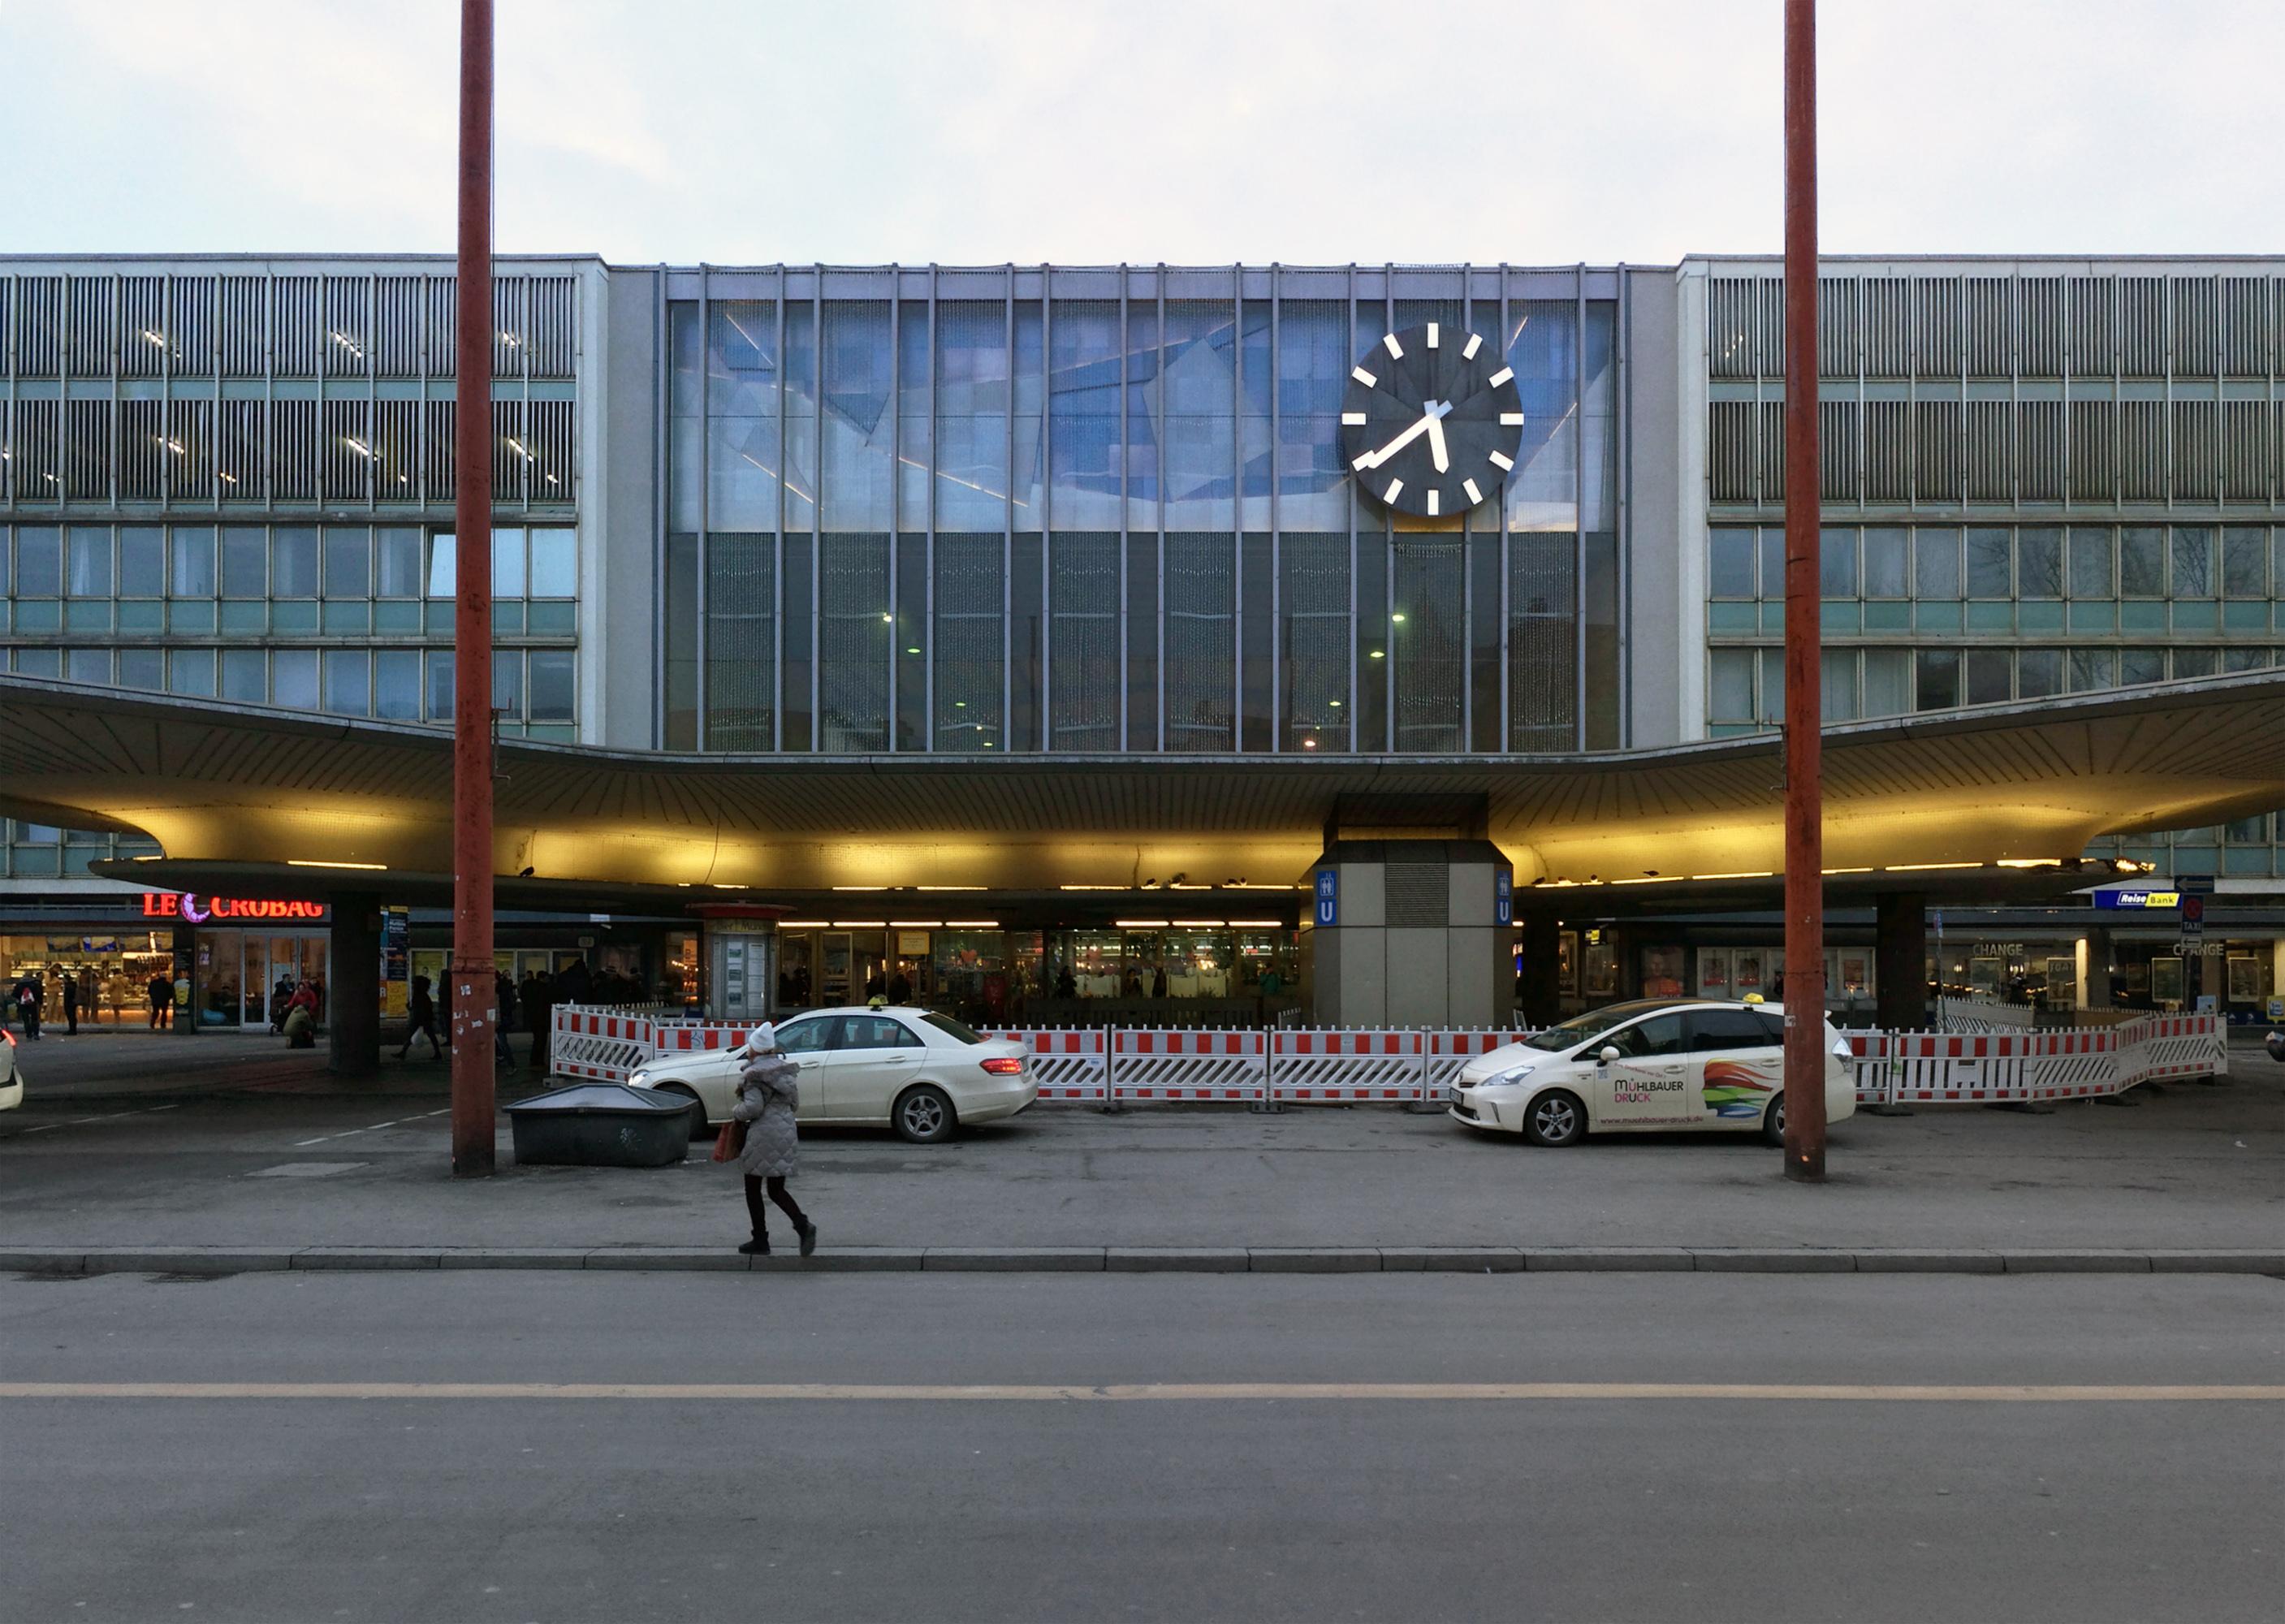 München Hauptbahnhof - Wikipedia